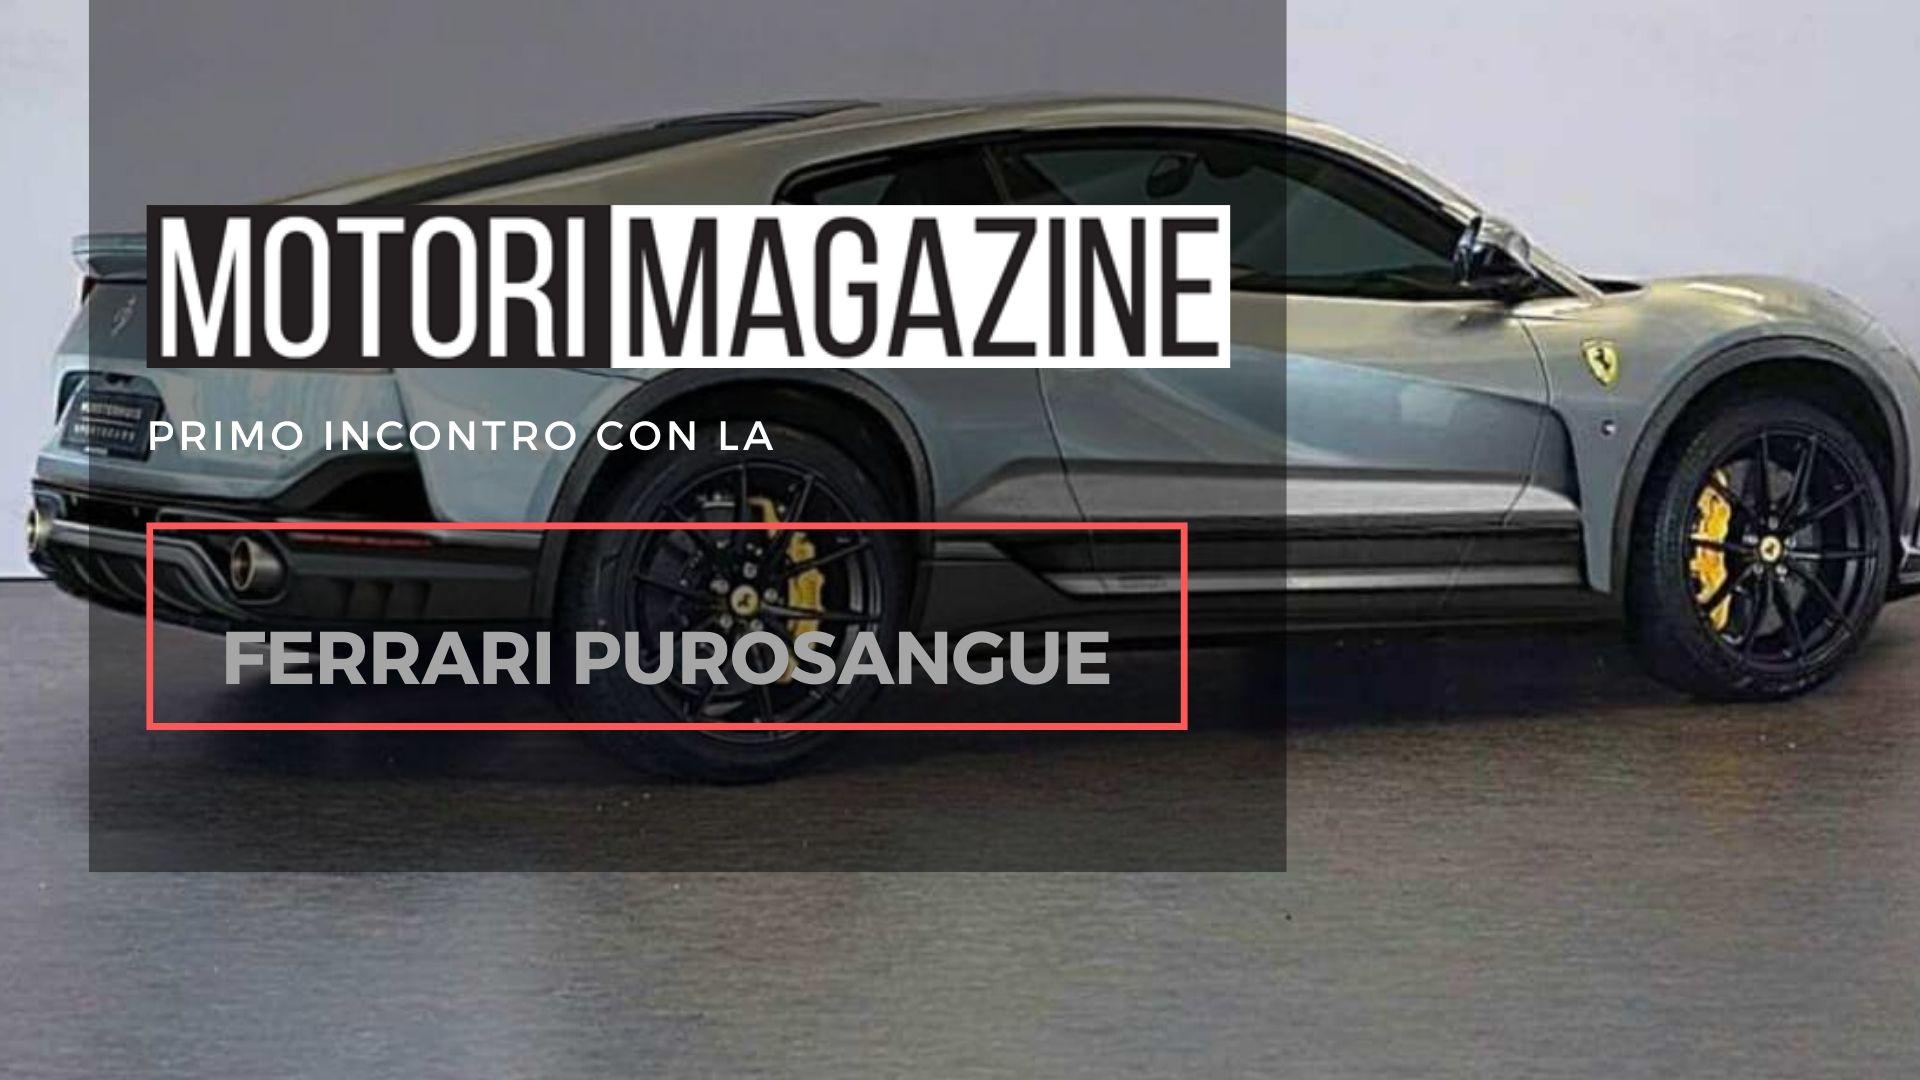 Suv Ferrari Purosangue: il cavallino mette le ruote alte - Motori Magazine